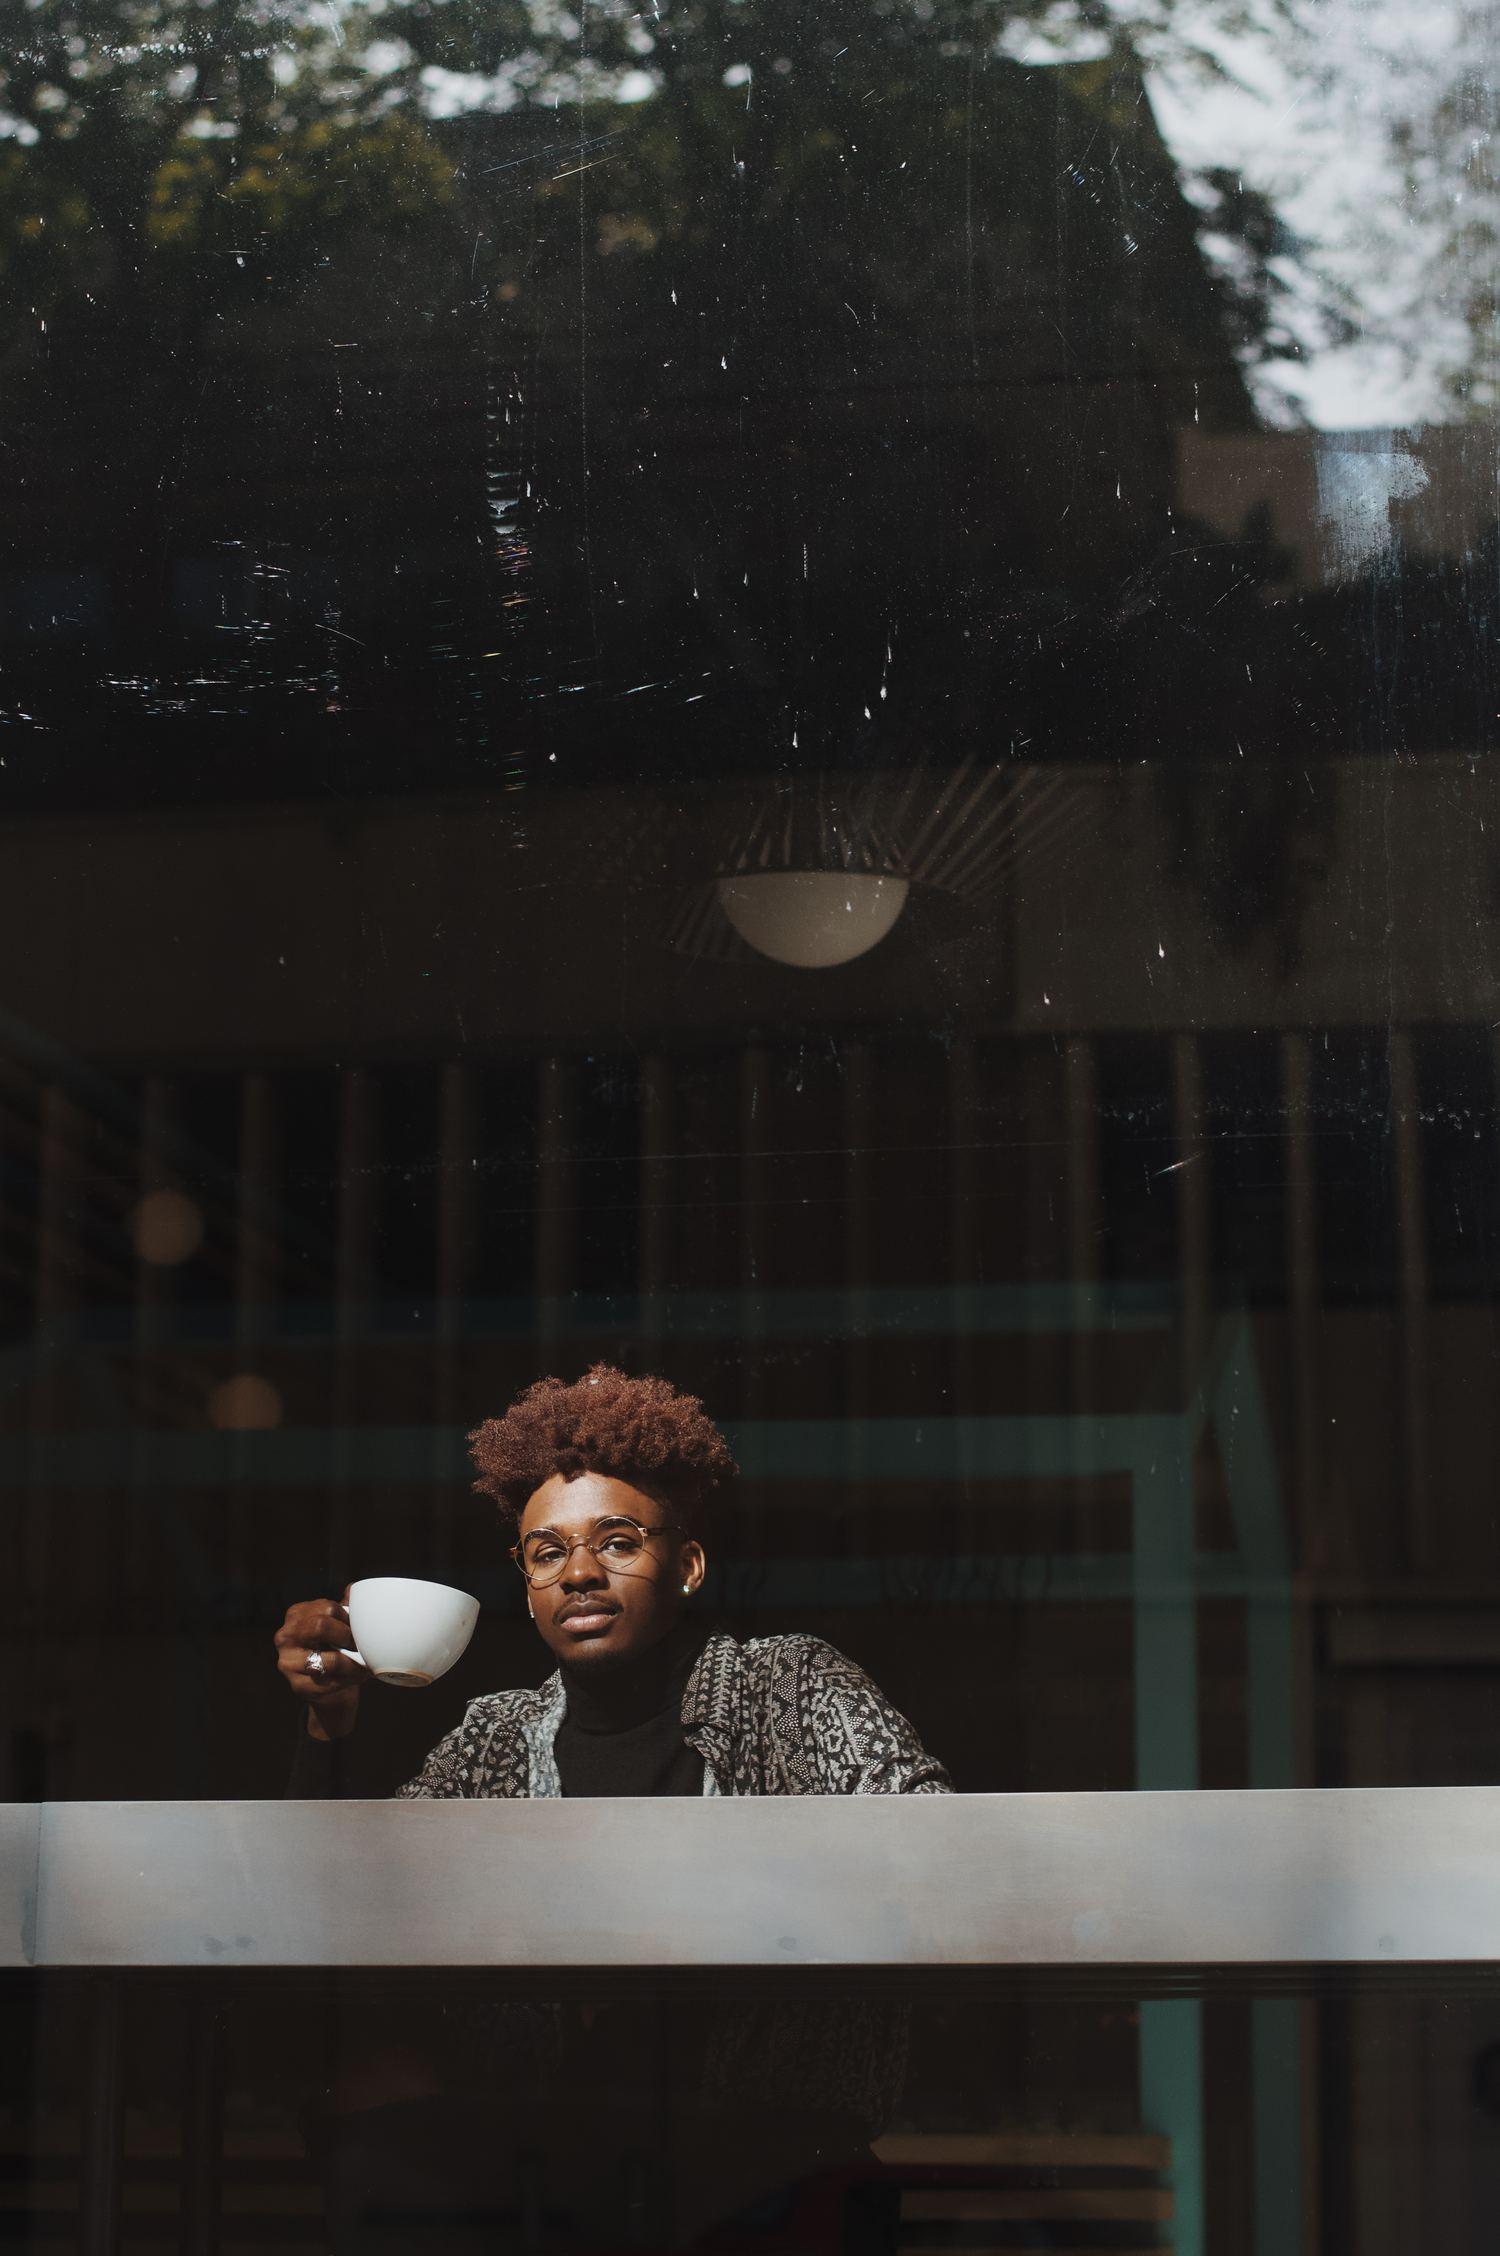 Joven pelo afro tomando café a través de un cristal